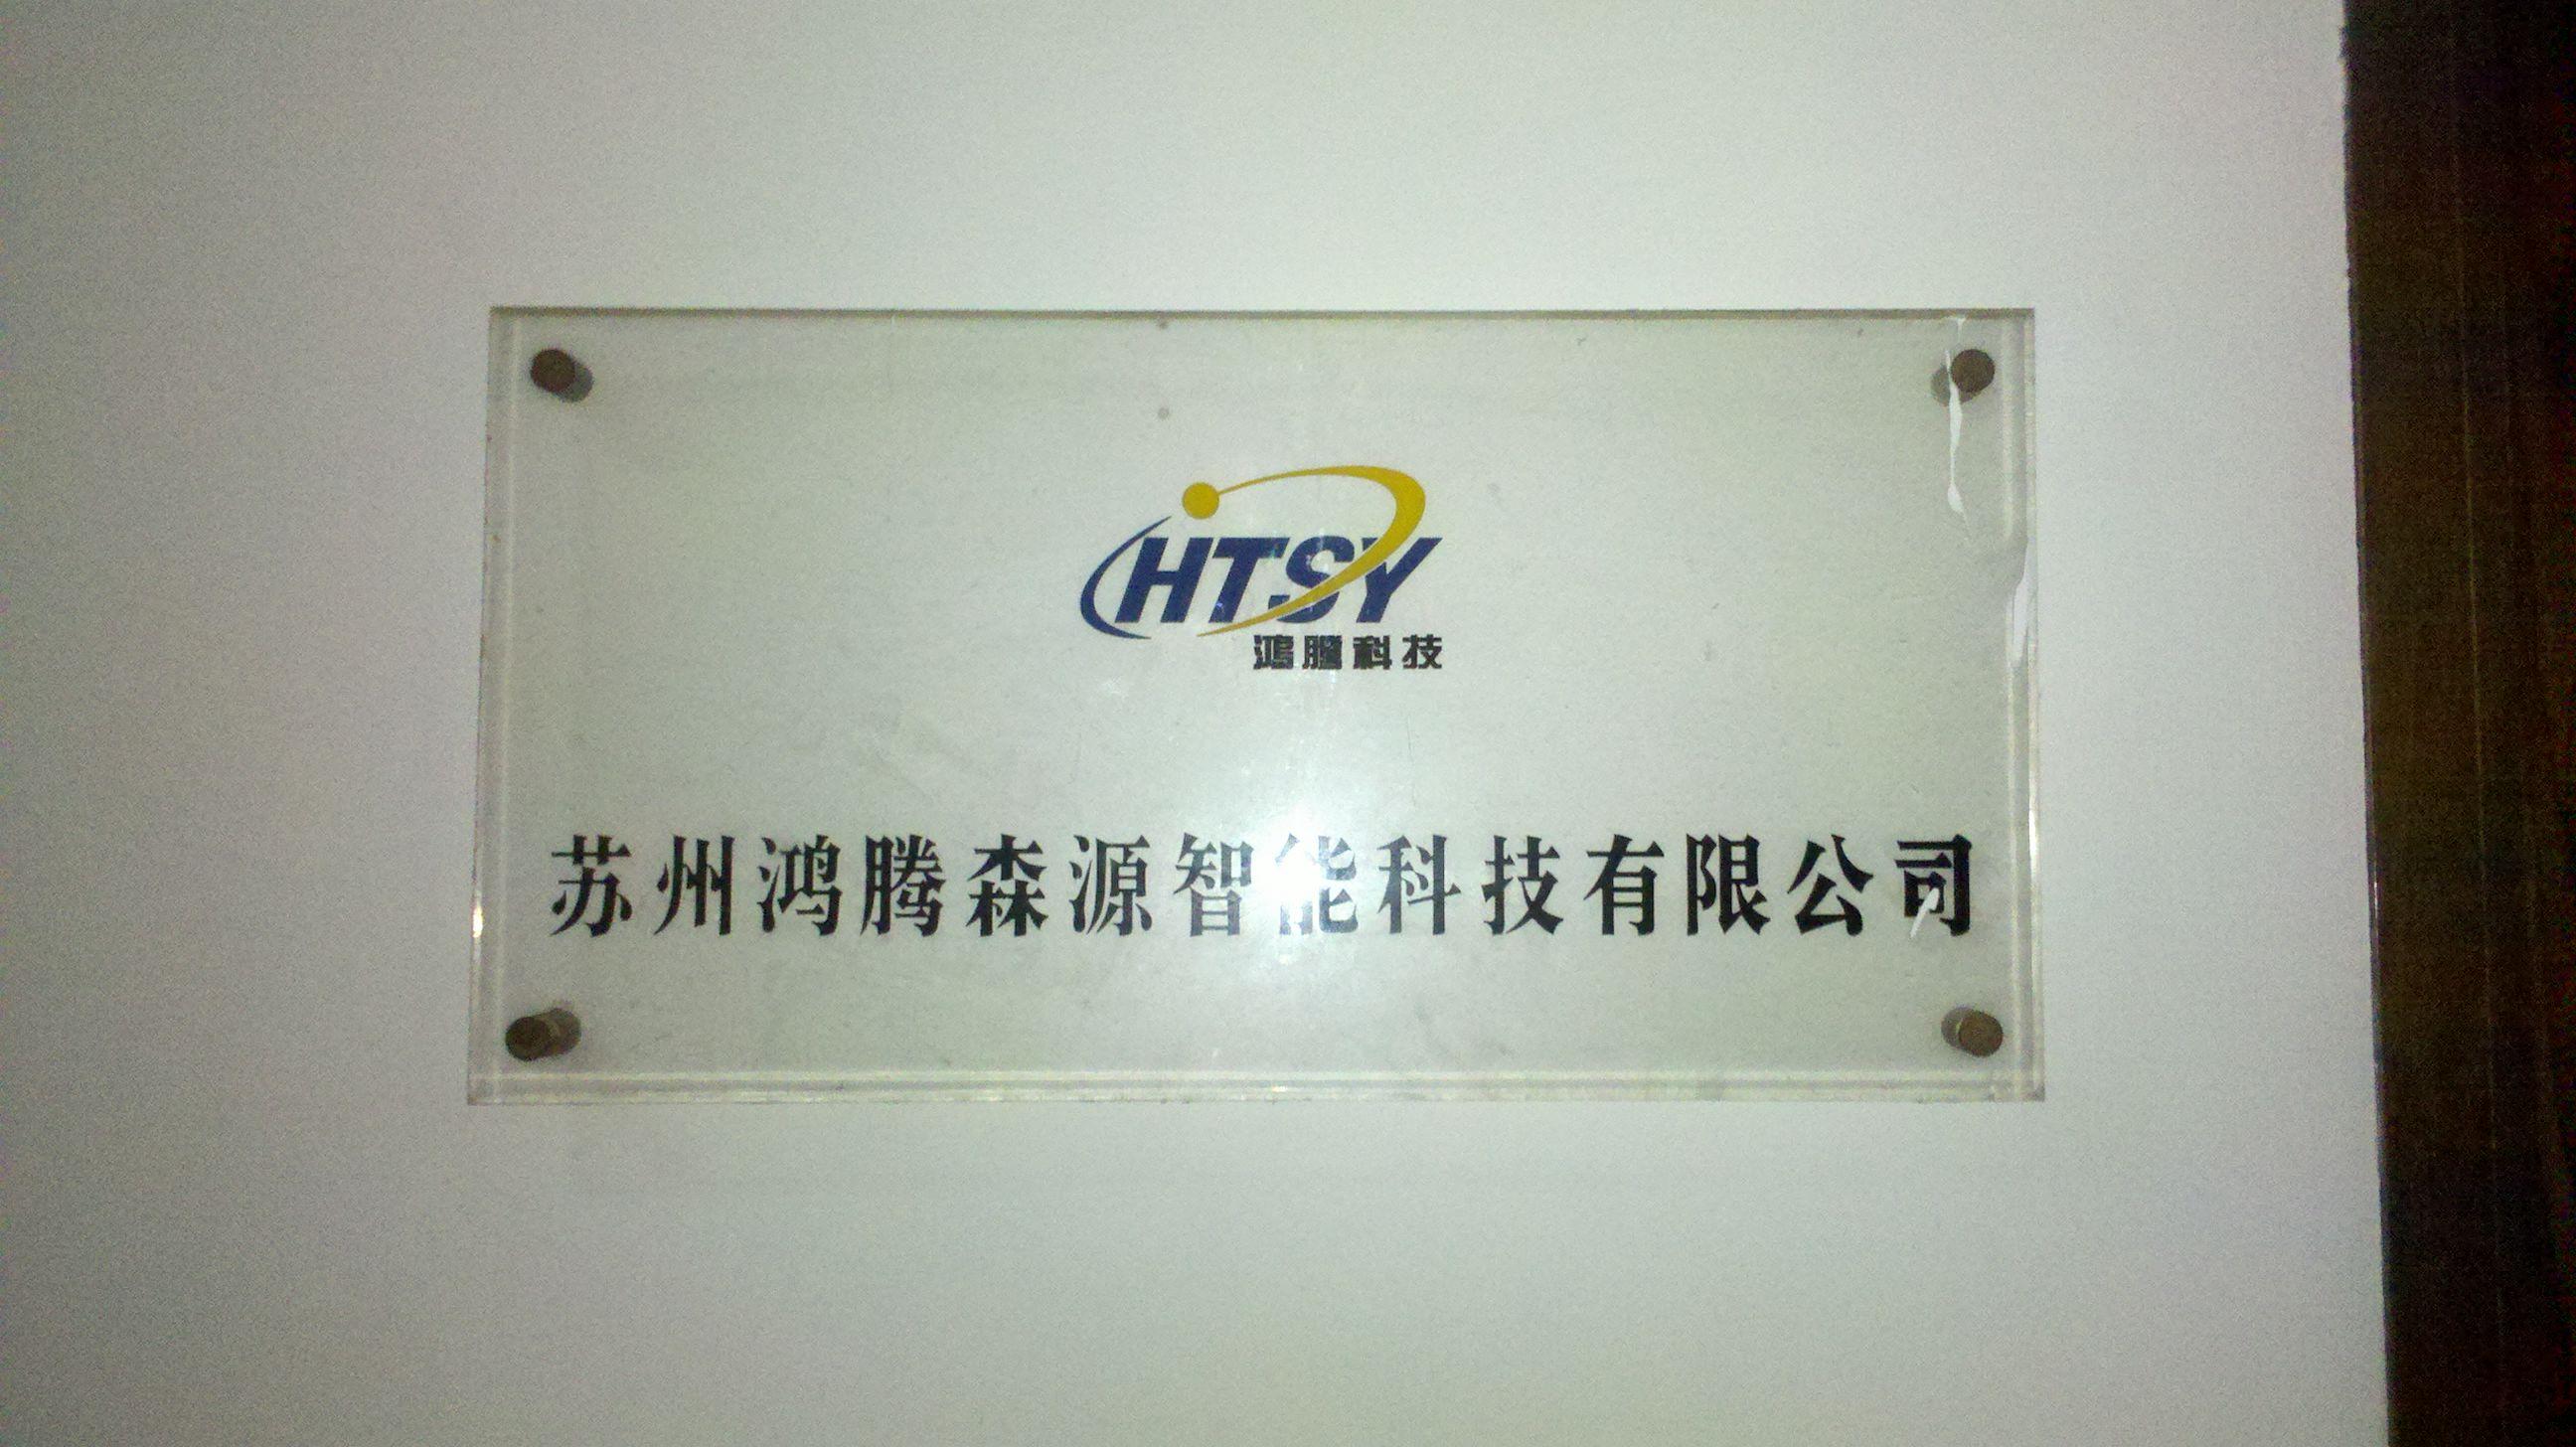 苏州鸿腾森源智能科技亚博娱乐官方网首页